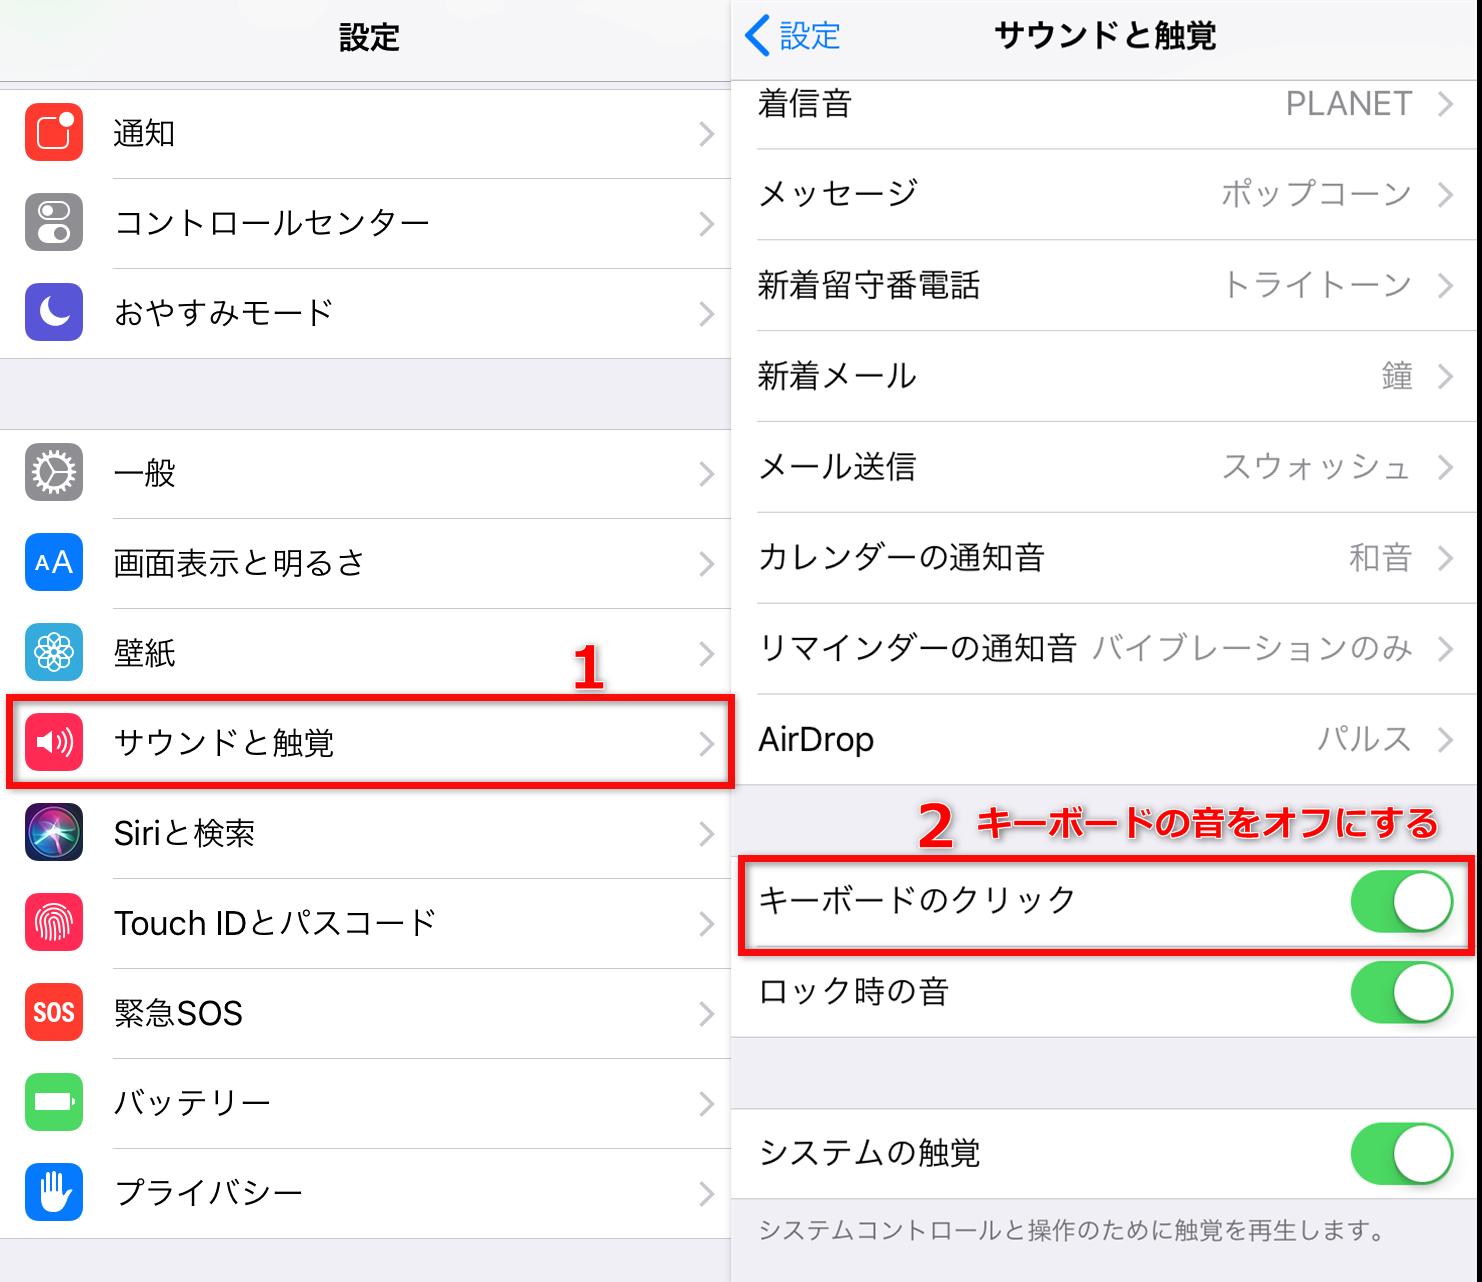 動作が重いiOS 12端末(iPhone X/8/7など)を軽くする - キーボードの音をオフ